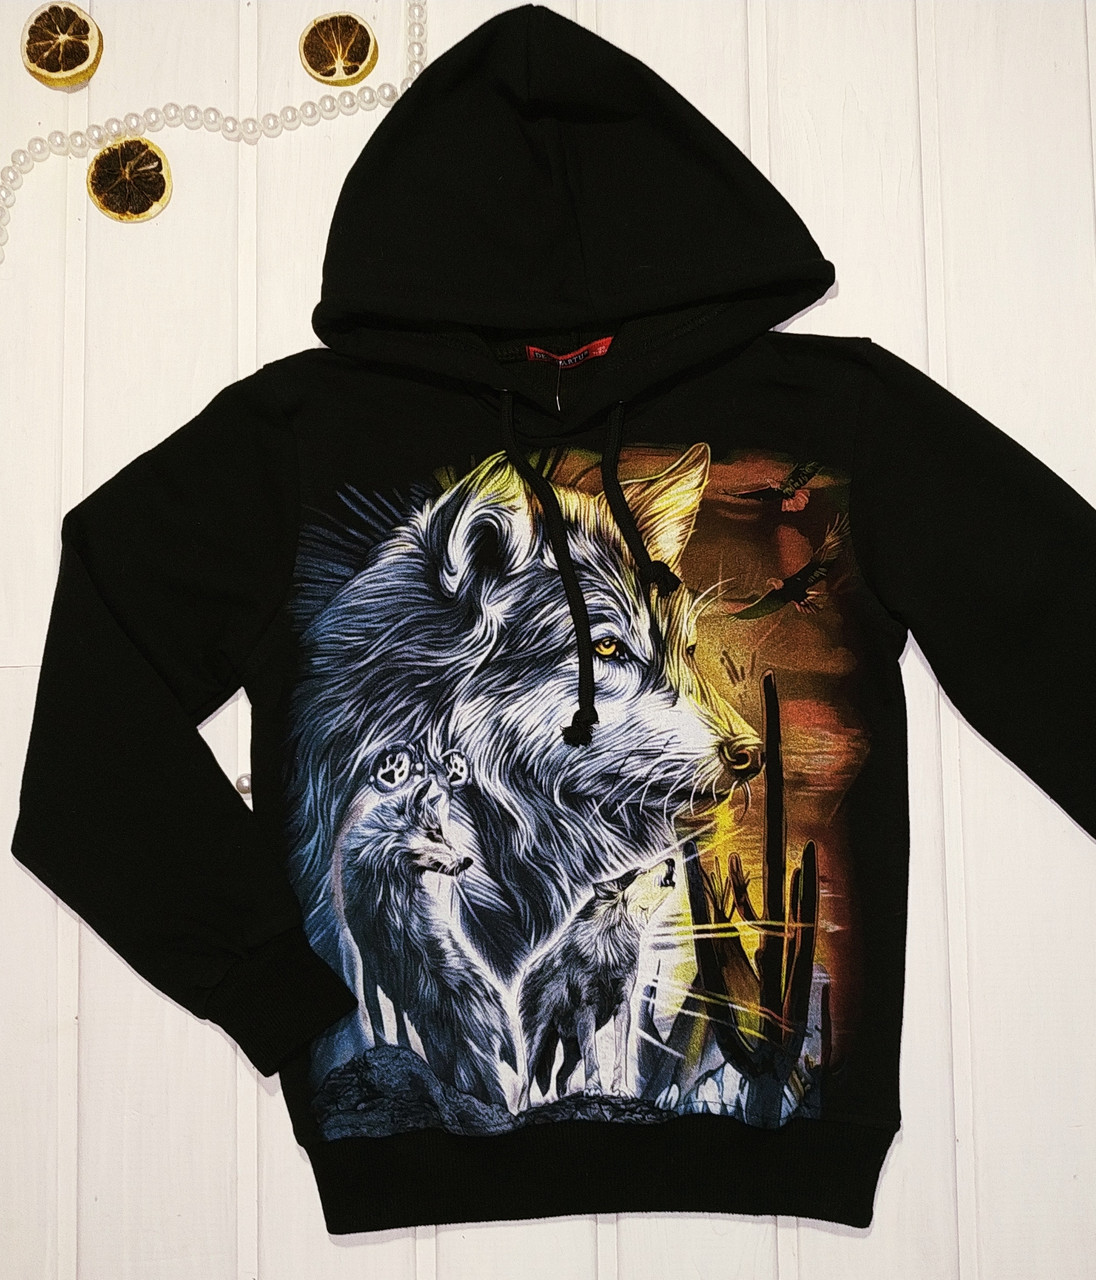 Толстовка с капюшоном для мальчика черная с принтом волка Светится в темноте  134 140 146